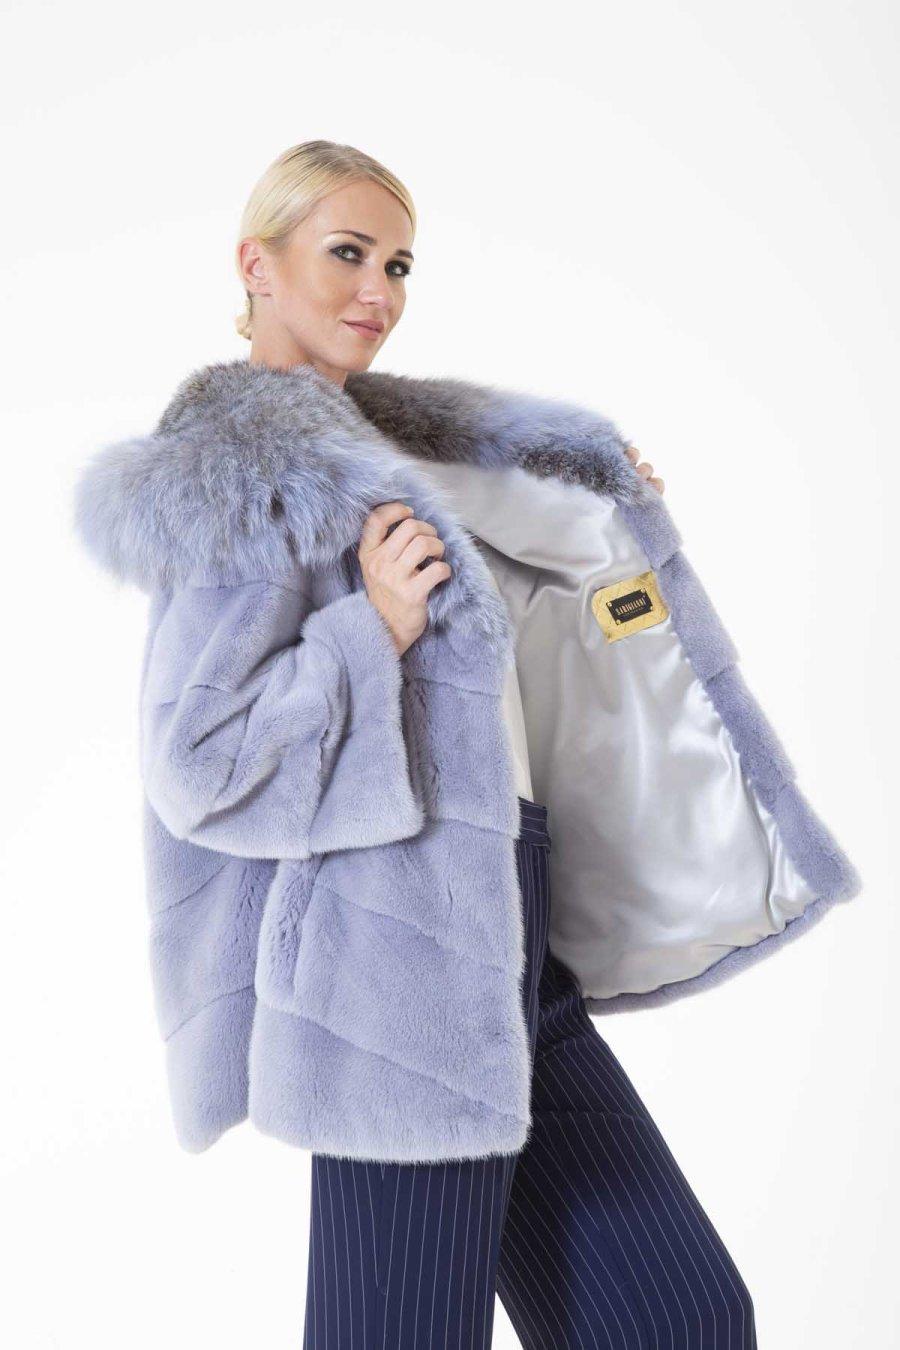 Hydrasia Male Mink Jacket with Hood   Sarigianni Furs